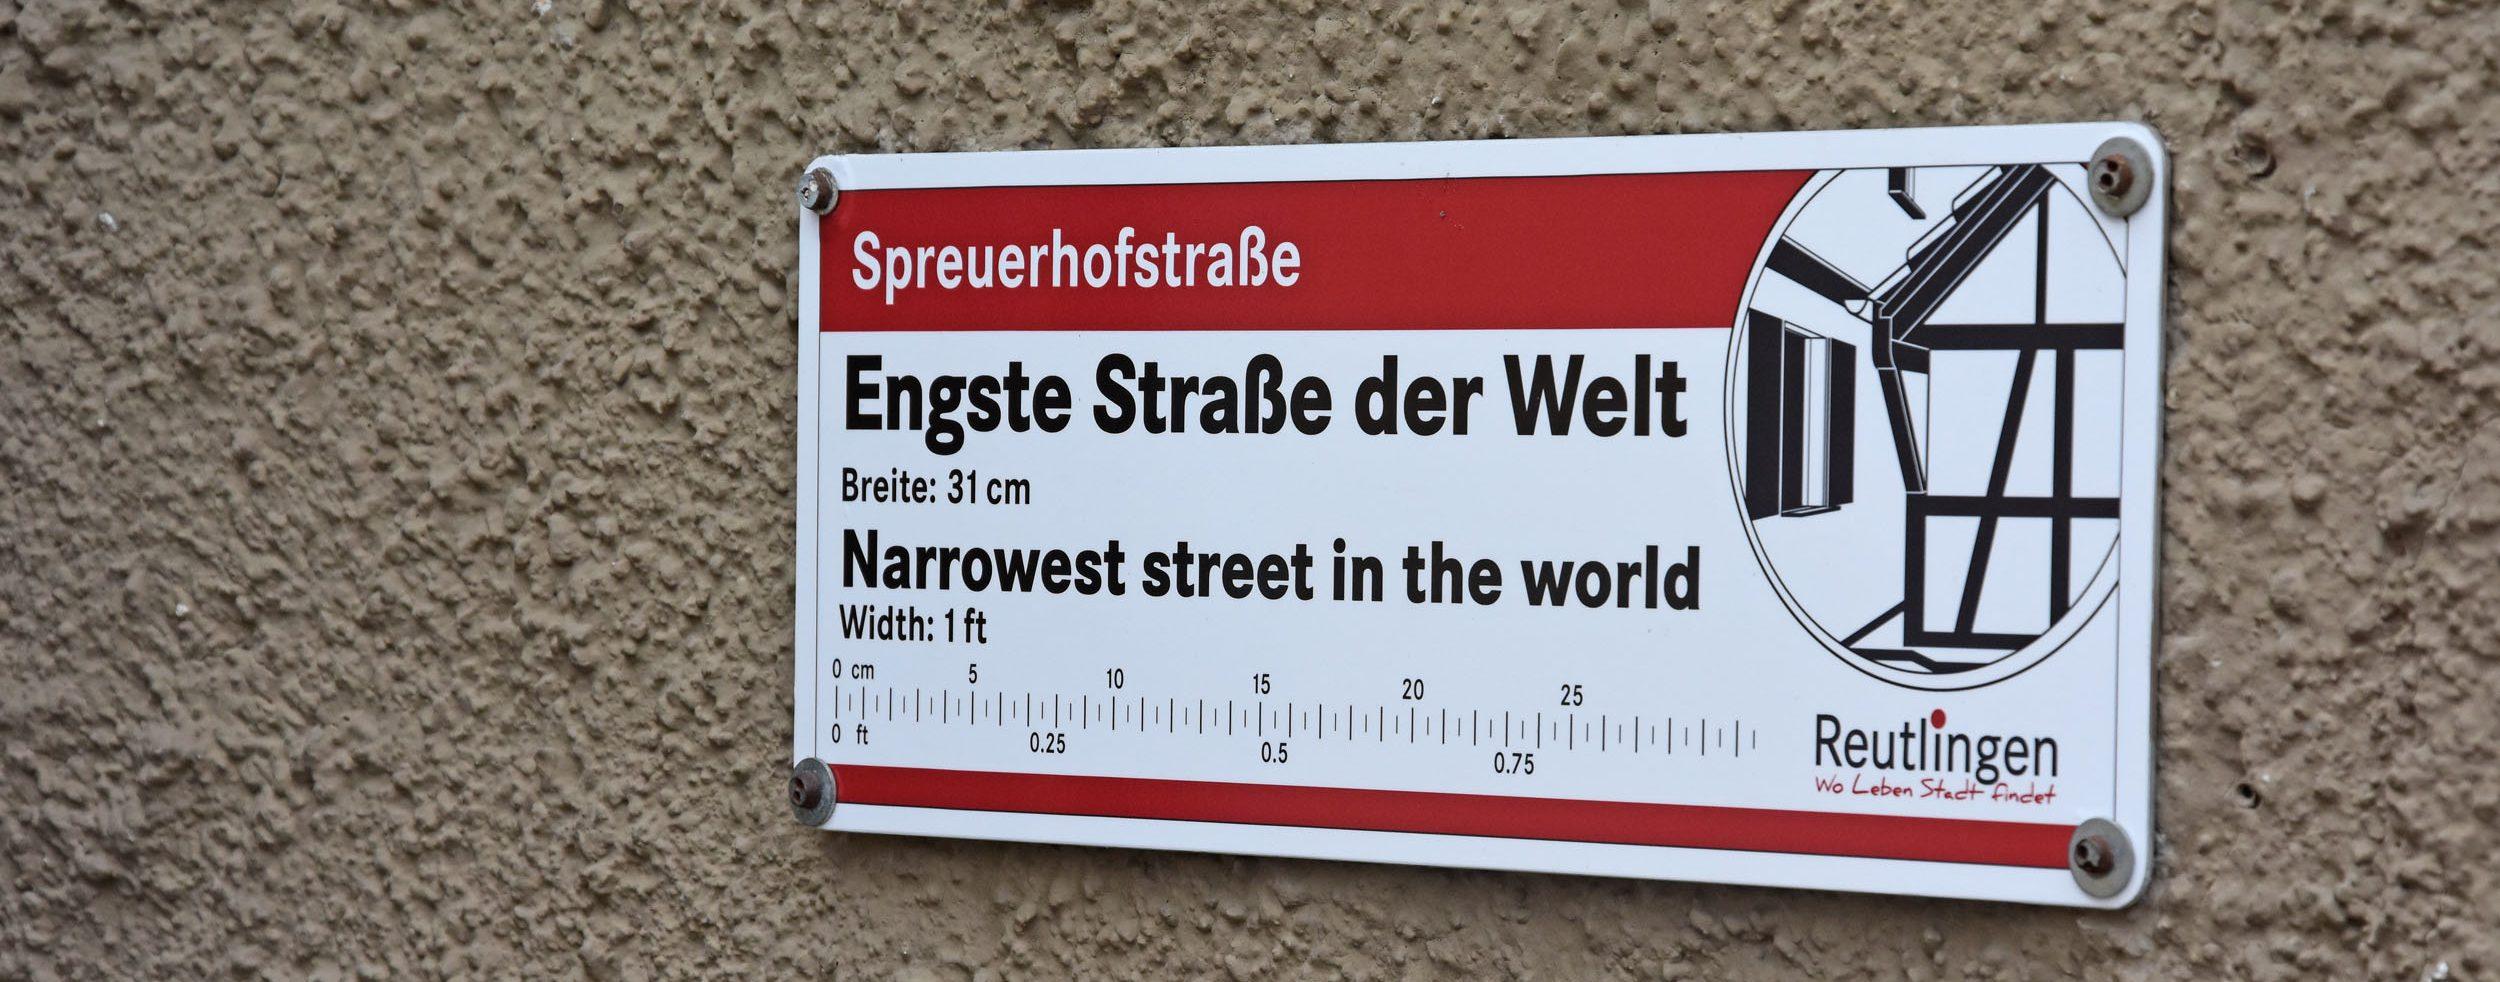 Schmalste Straße der Welt